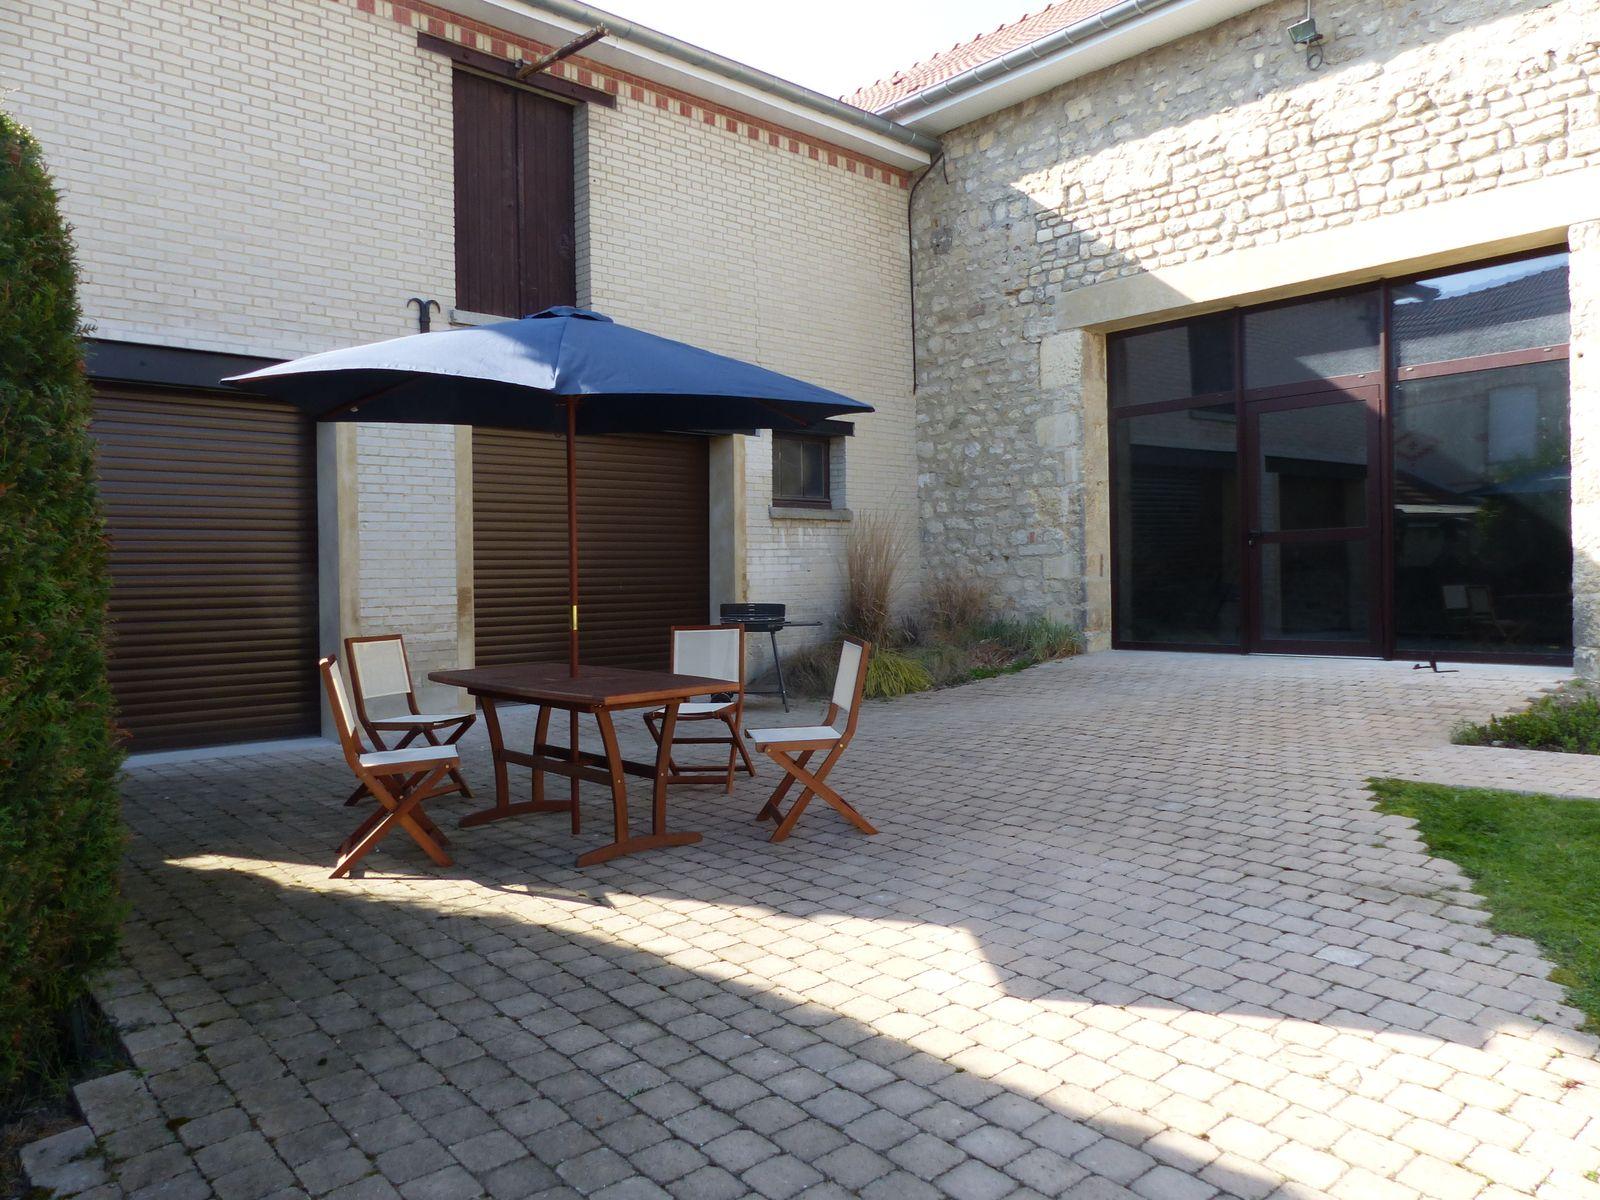 Salon de jardin et barbecue 51G434 - Le Gîte du Courtil - Cormicy - Gîtes de France Marne